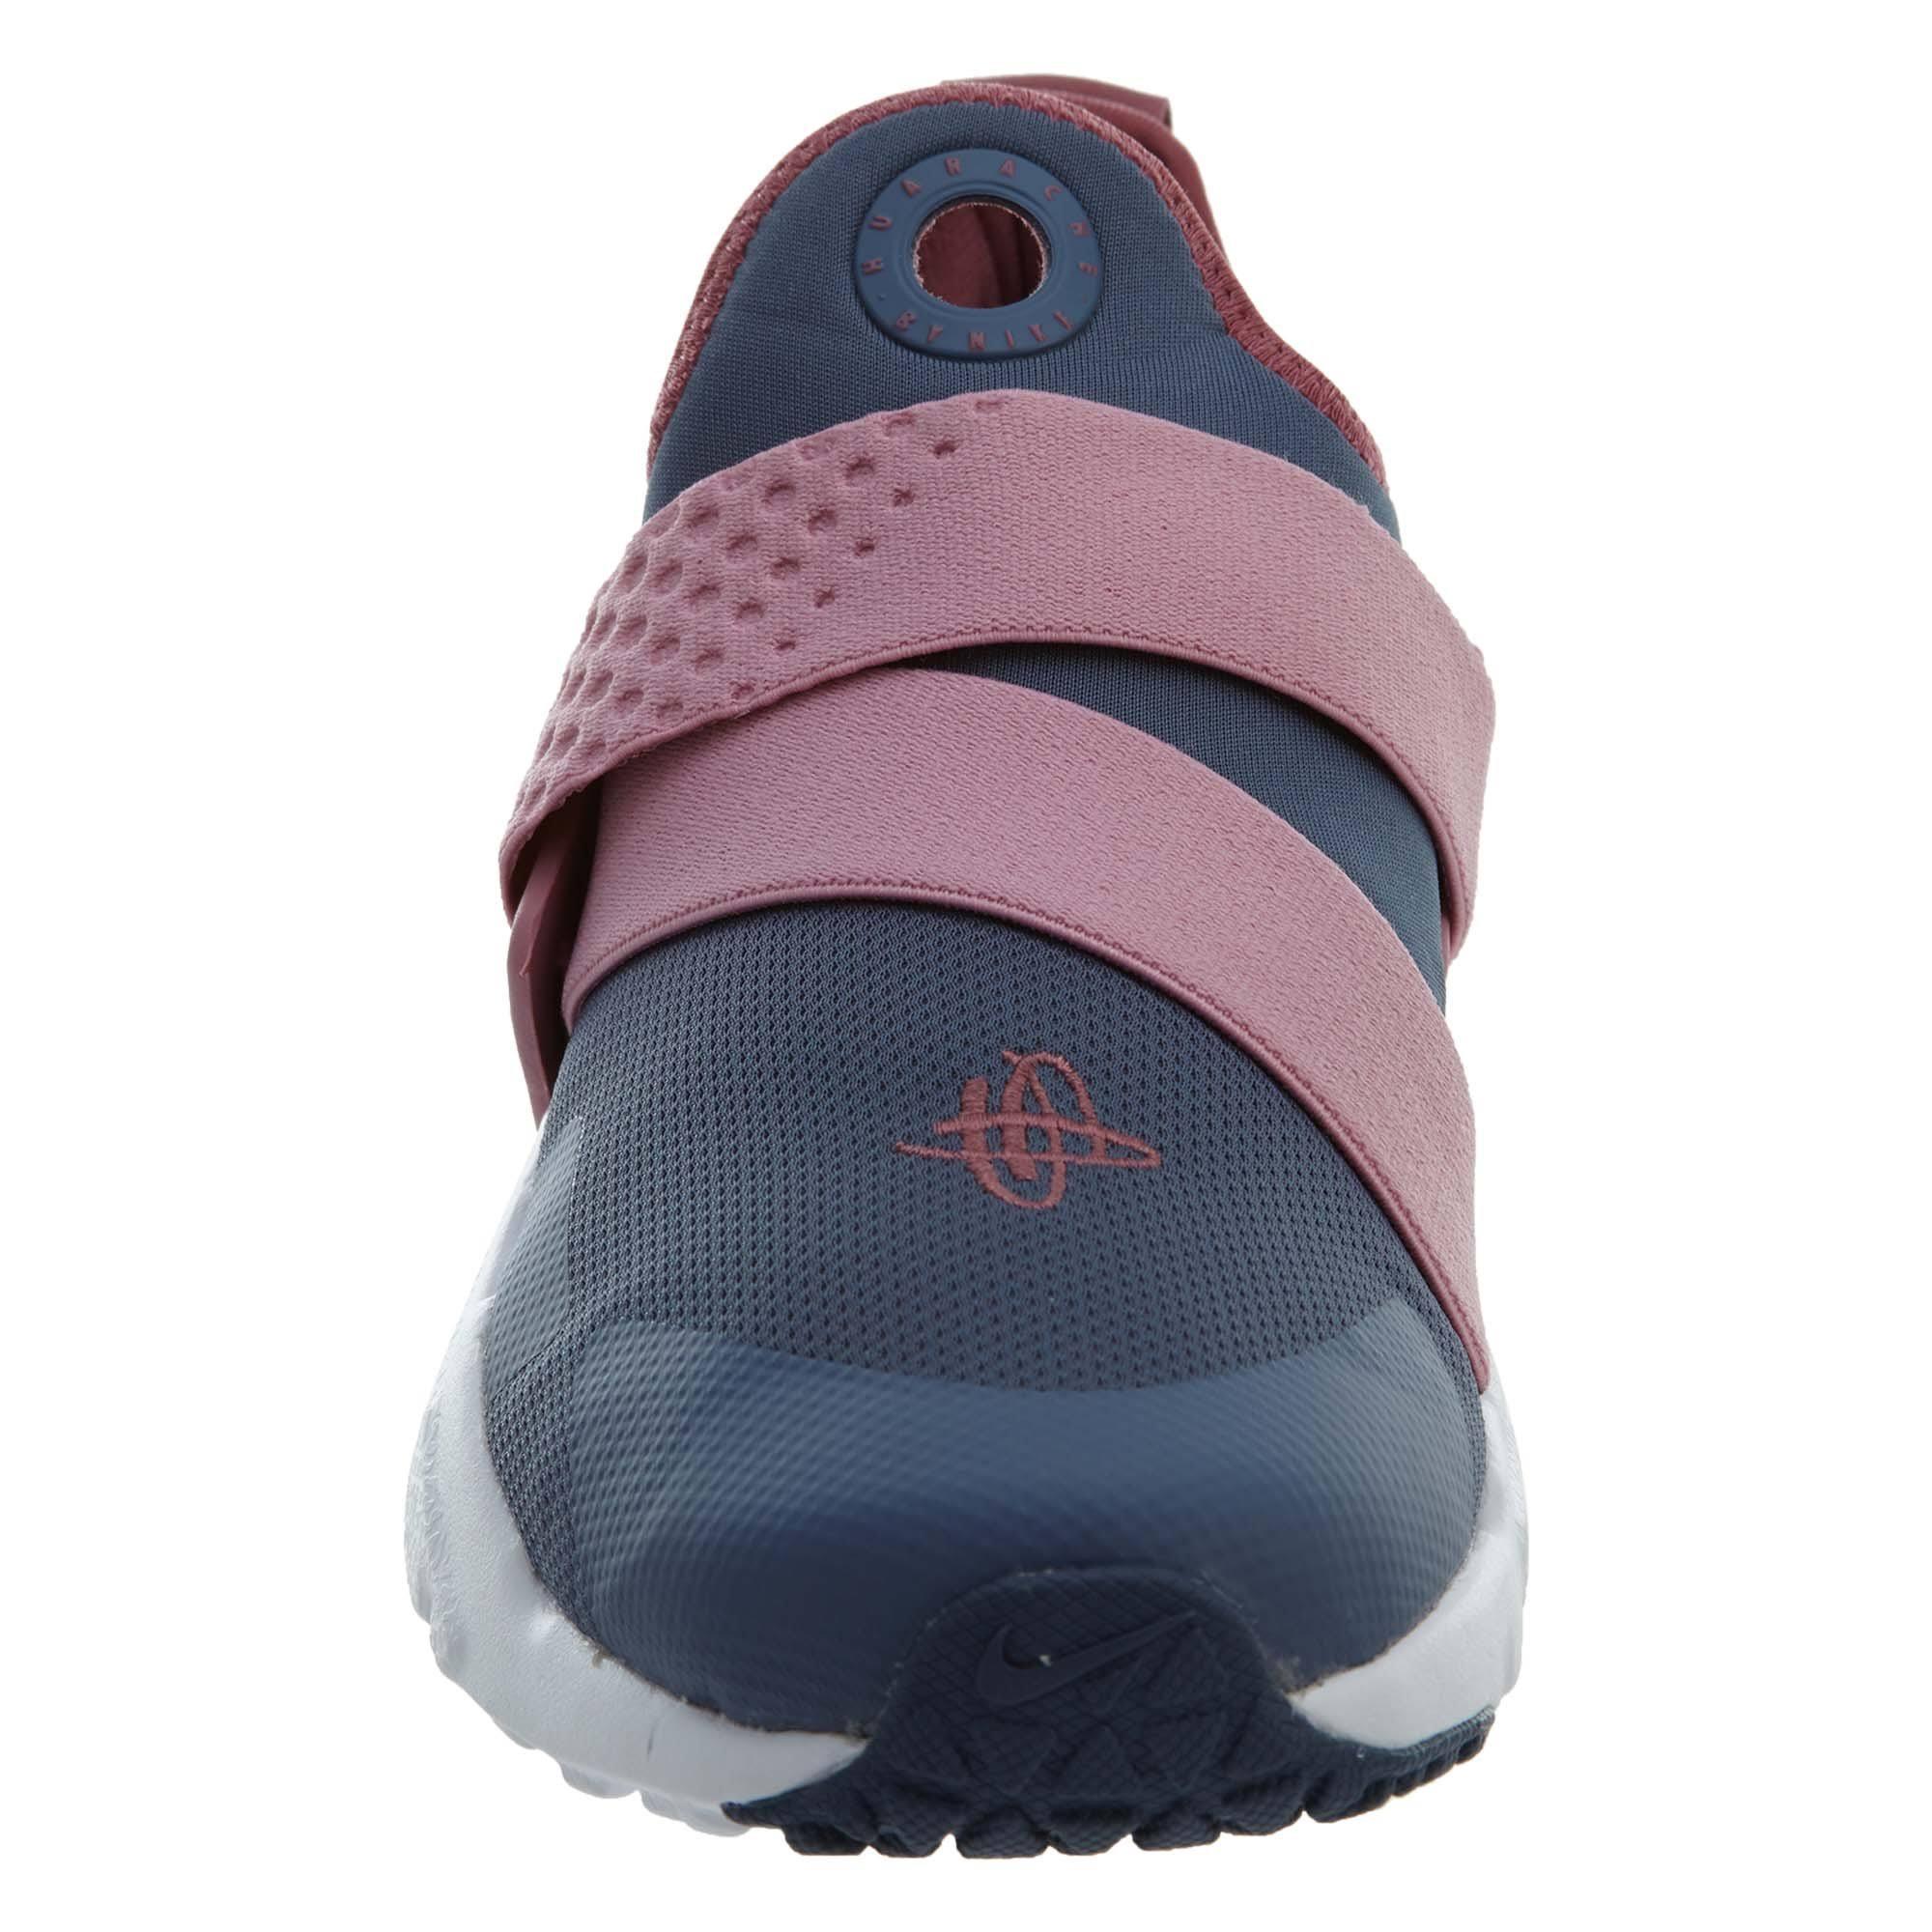 Niñas Extreme Escolar 5 De Grado Aq0575400 6 Tamaño Para Calzado Nike Huarache IqSwZ